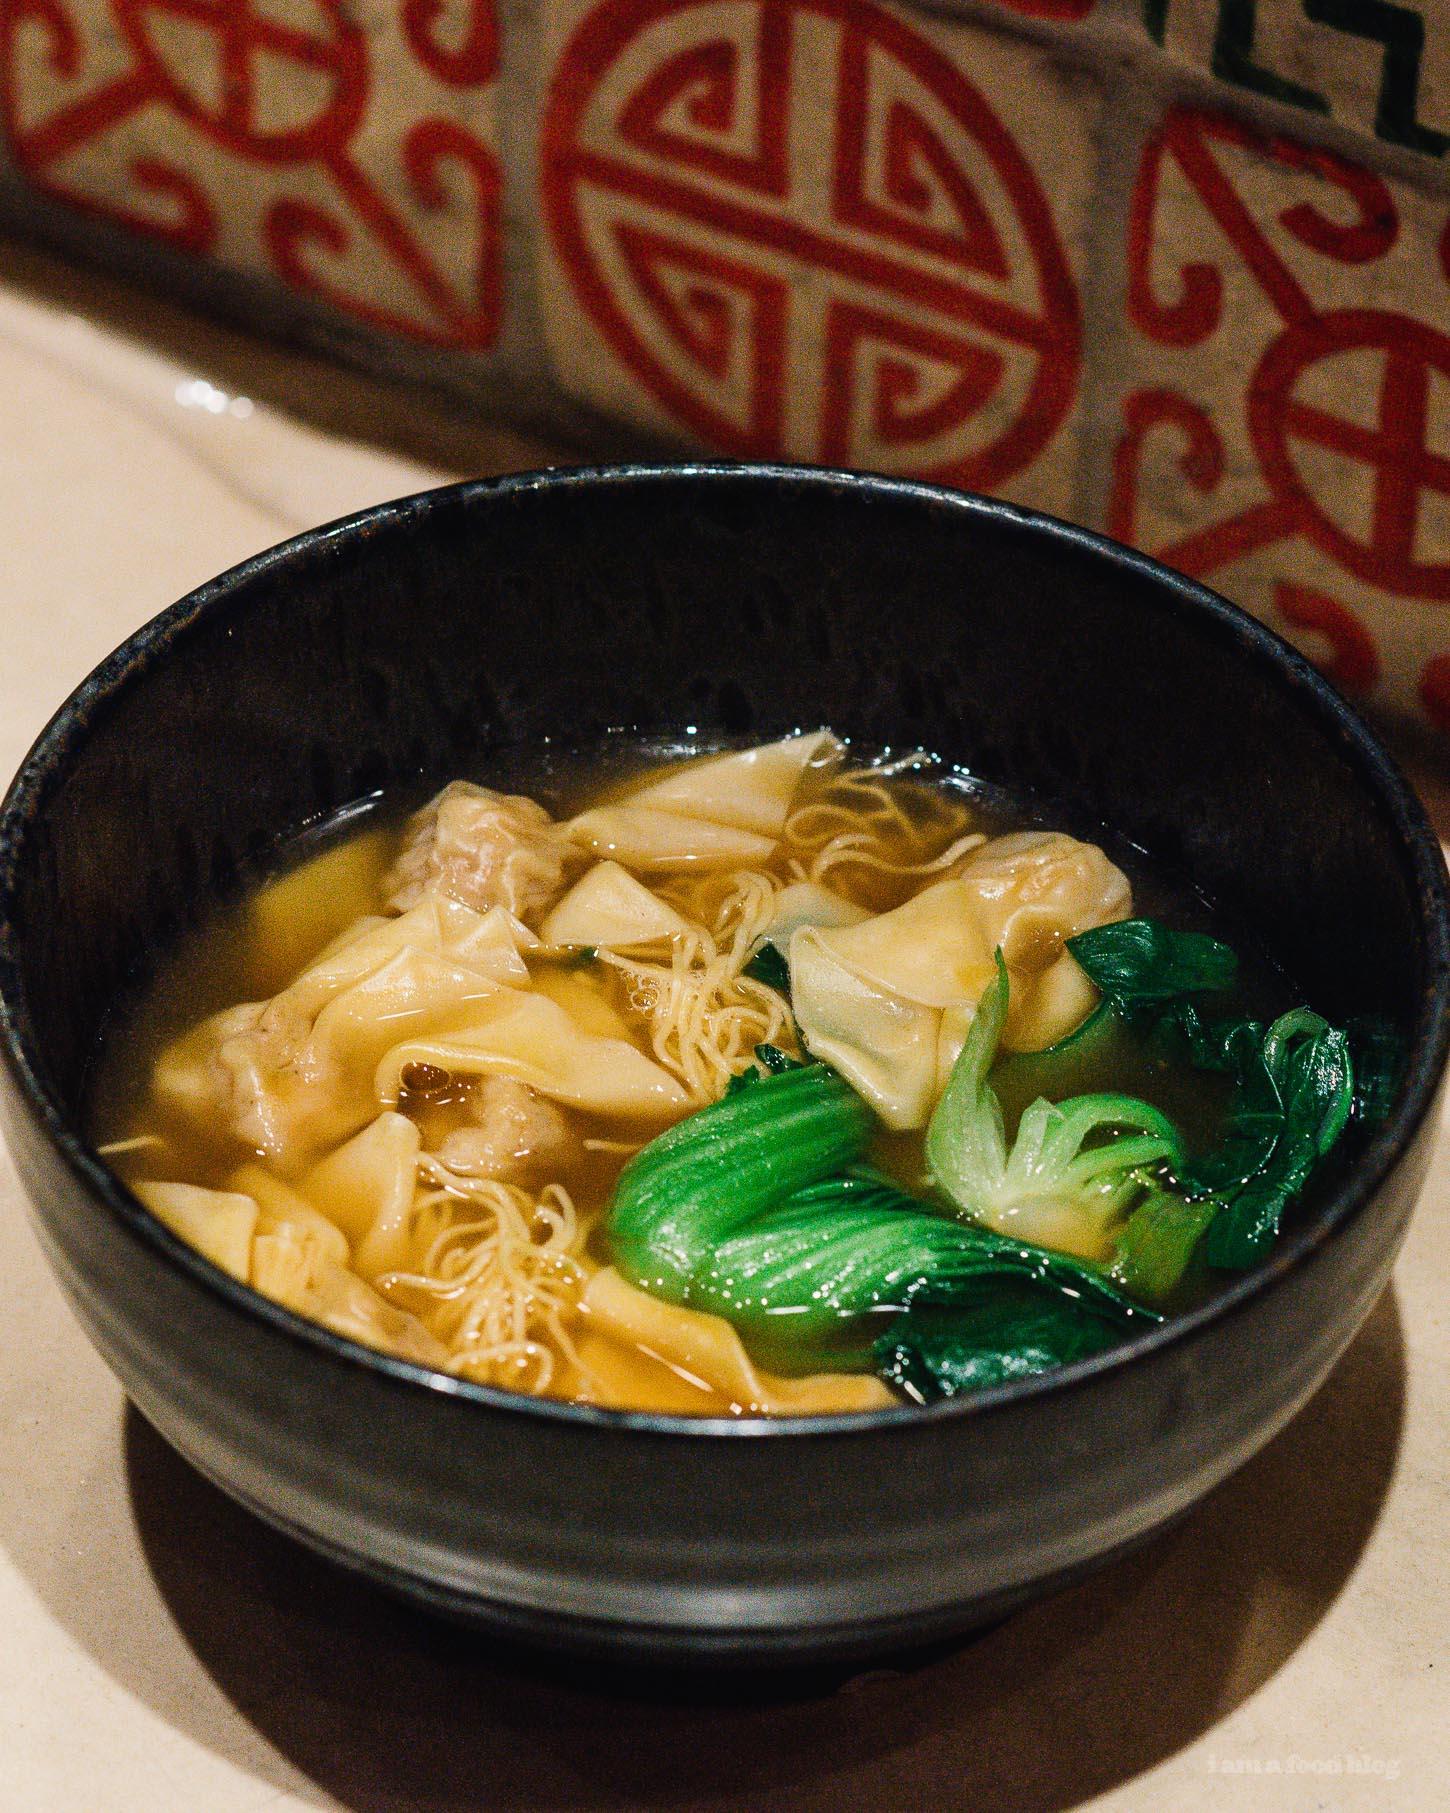 China Poblano | www.iamafoodblog.com